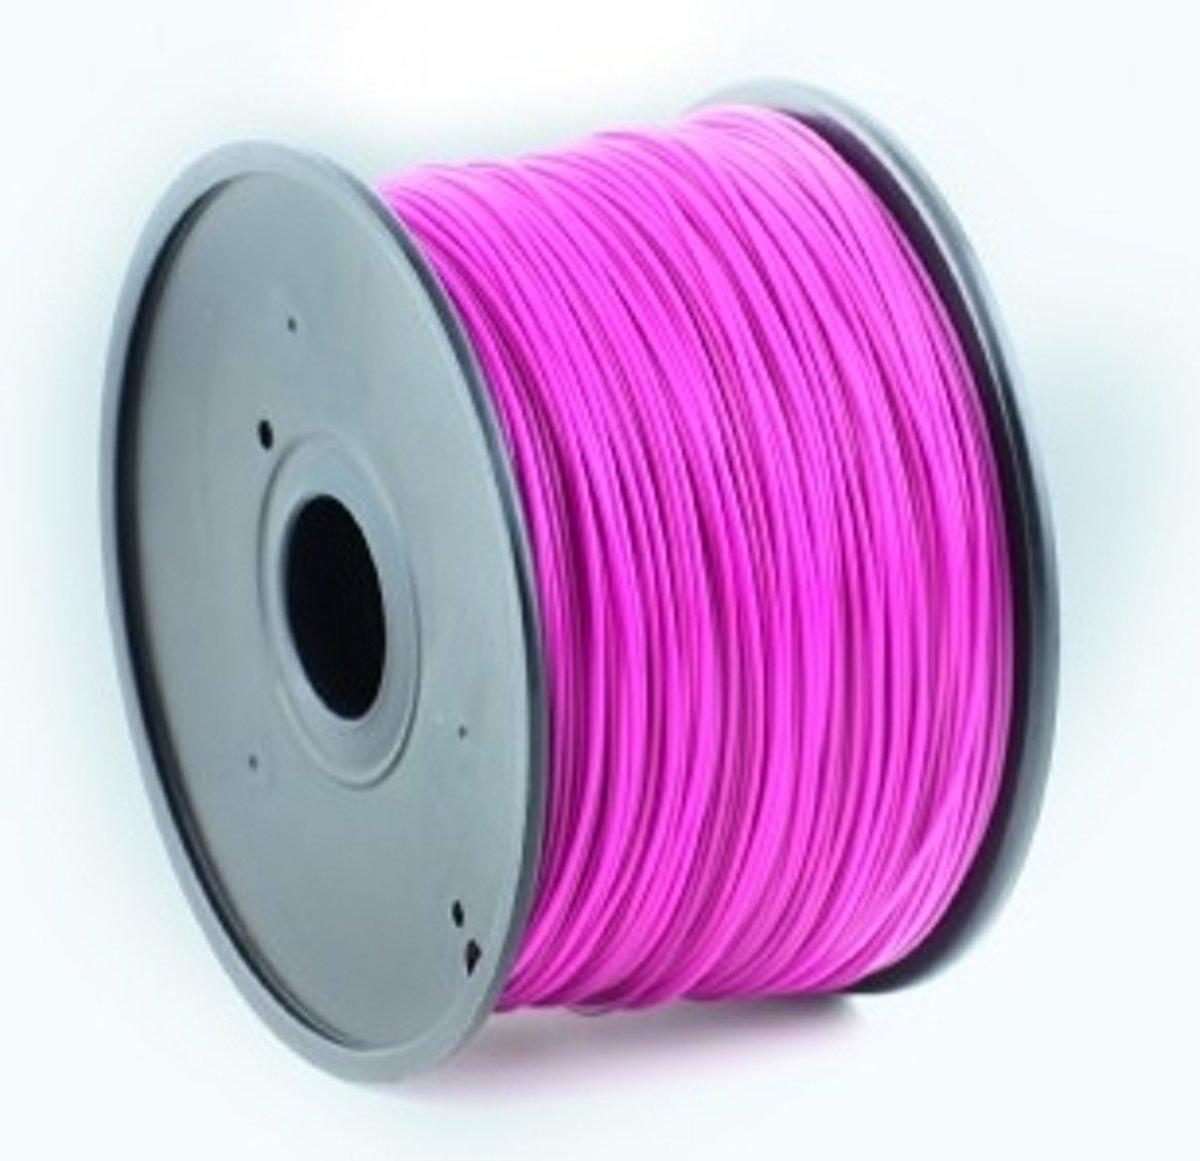 Gembird3 3DP-HIPS3-01-PR - Filament HIPS, 3 mm, paars